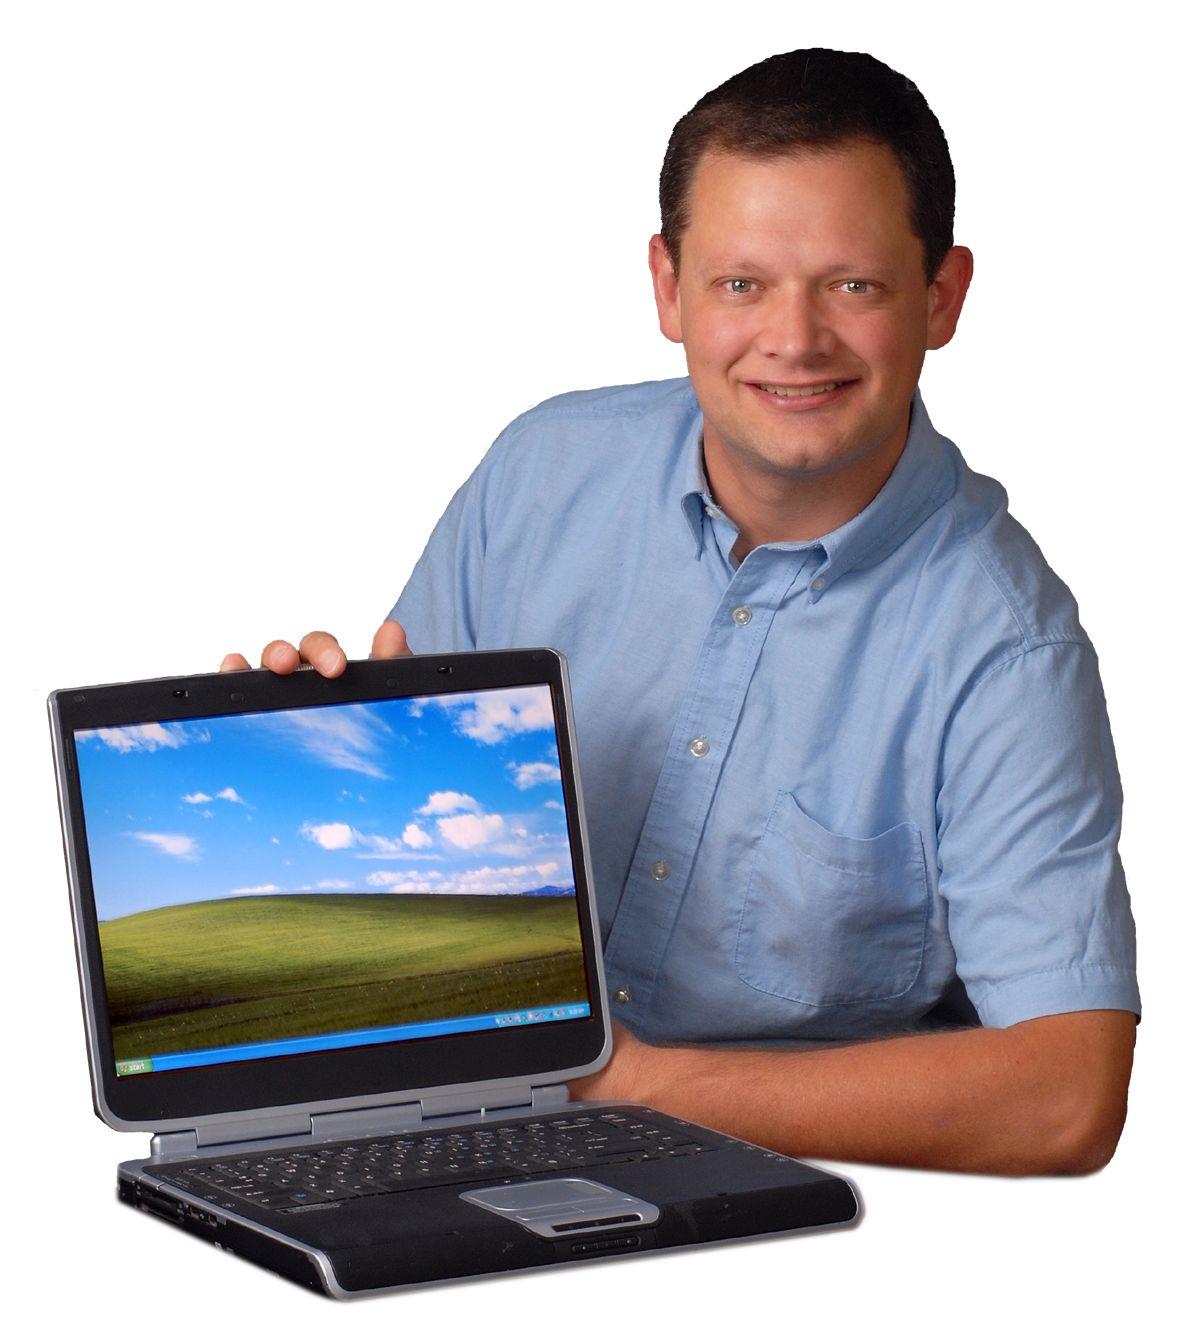 BlueMoose-Jim-Laptop-white-background.jpeg